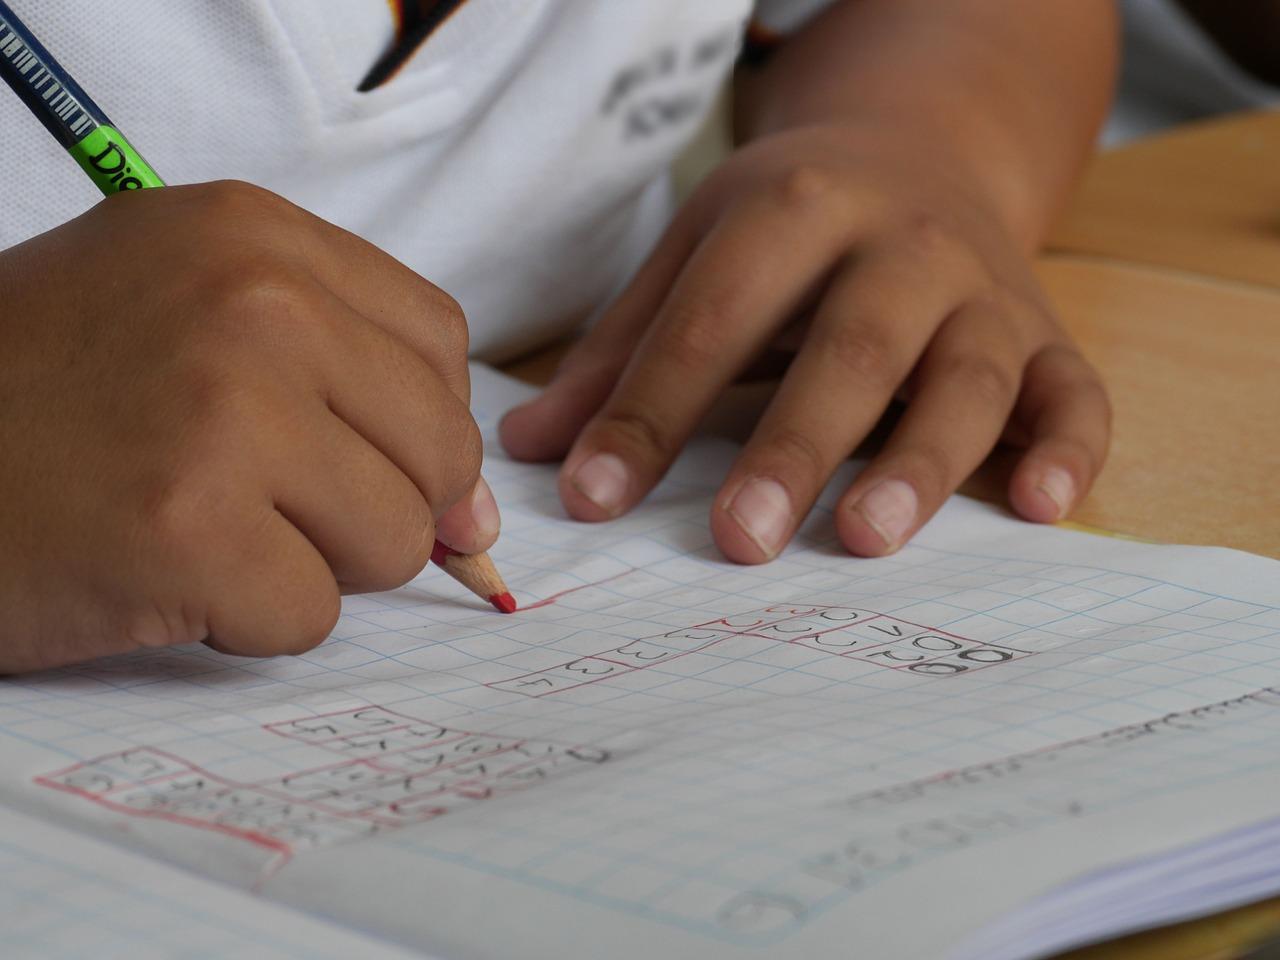 【幼児教育】子どもに勉強の習慣をつける為に実践した3つのこと